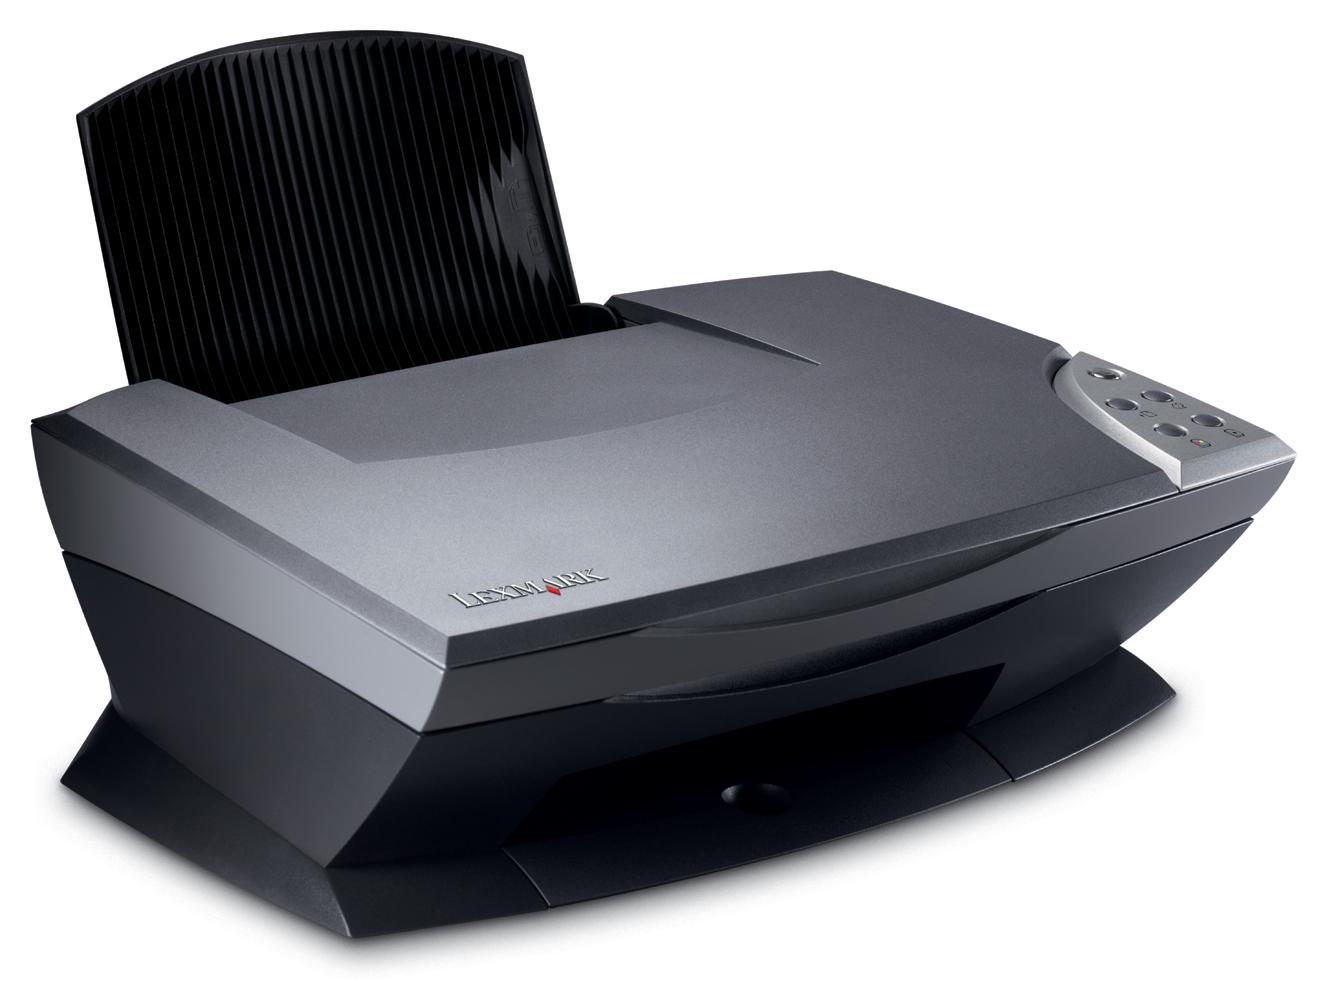 скачать драйвера к принтеру lexmark x2500 на русском